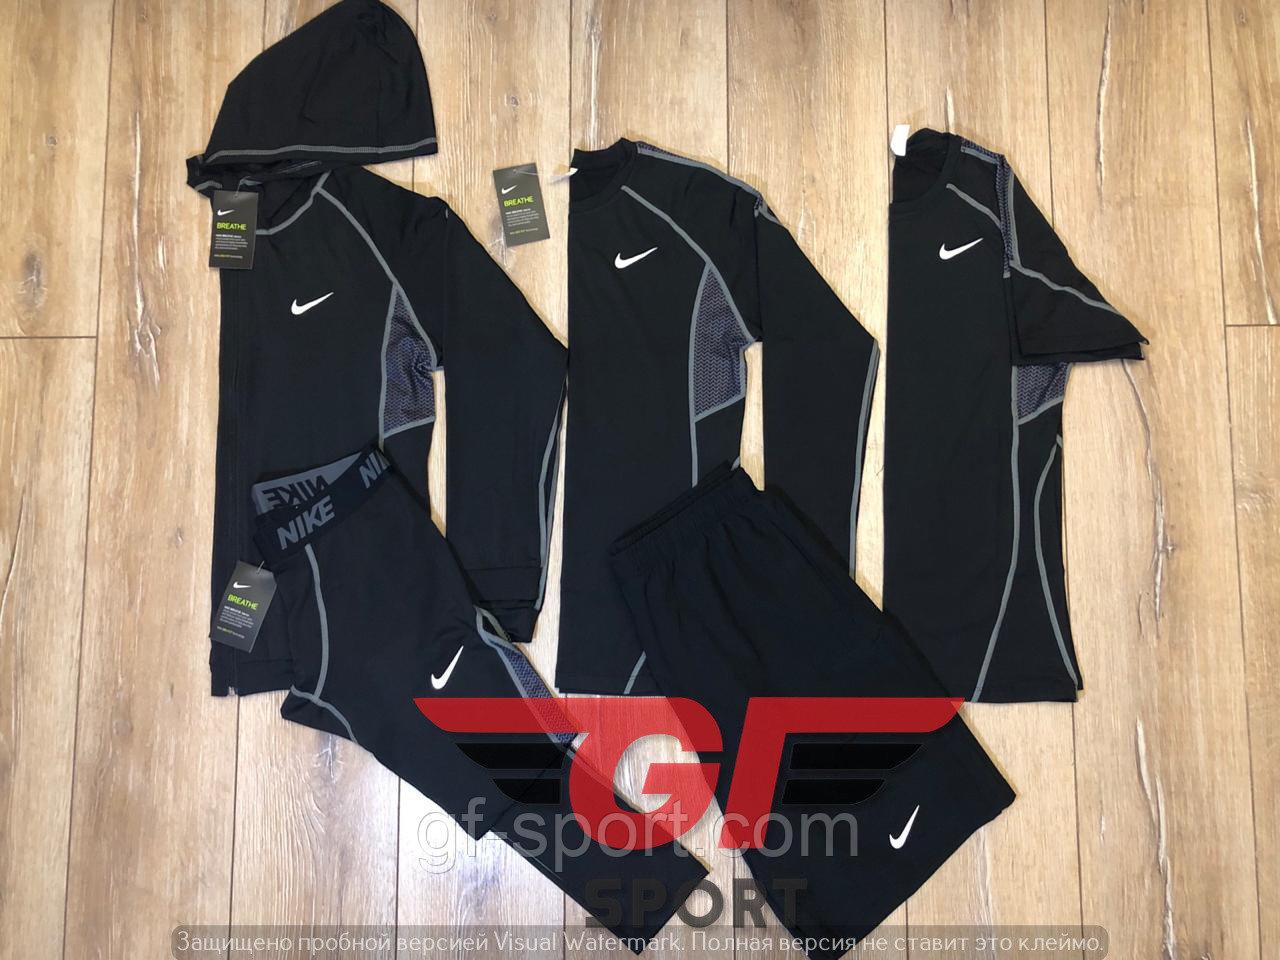 Рашгард (компрессионное белье)  Nike 5в1, комбинированный